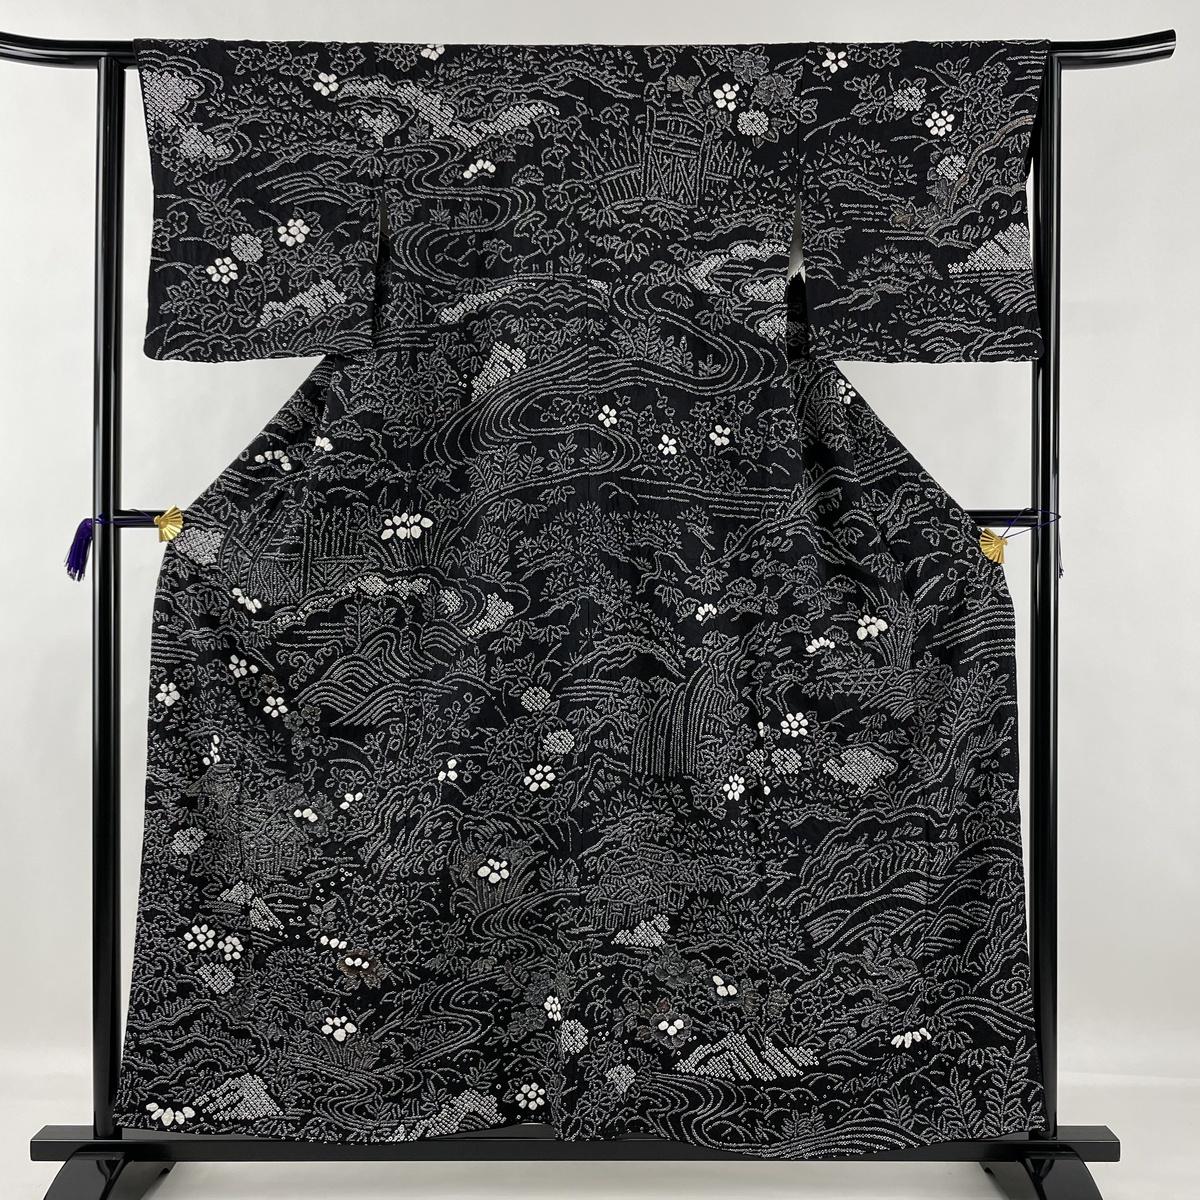 ランクA 着物 リサイクル 送料無料 通常便なら送料無料 訪問着 美品 秀品 家屋 草花 中古 絞り 金彩 S 63cm 袷 156cm 黒 正絹 送料無料限定セール中